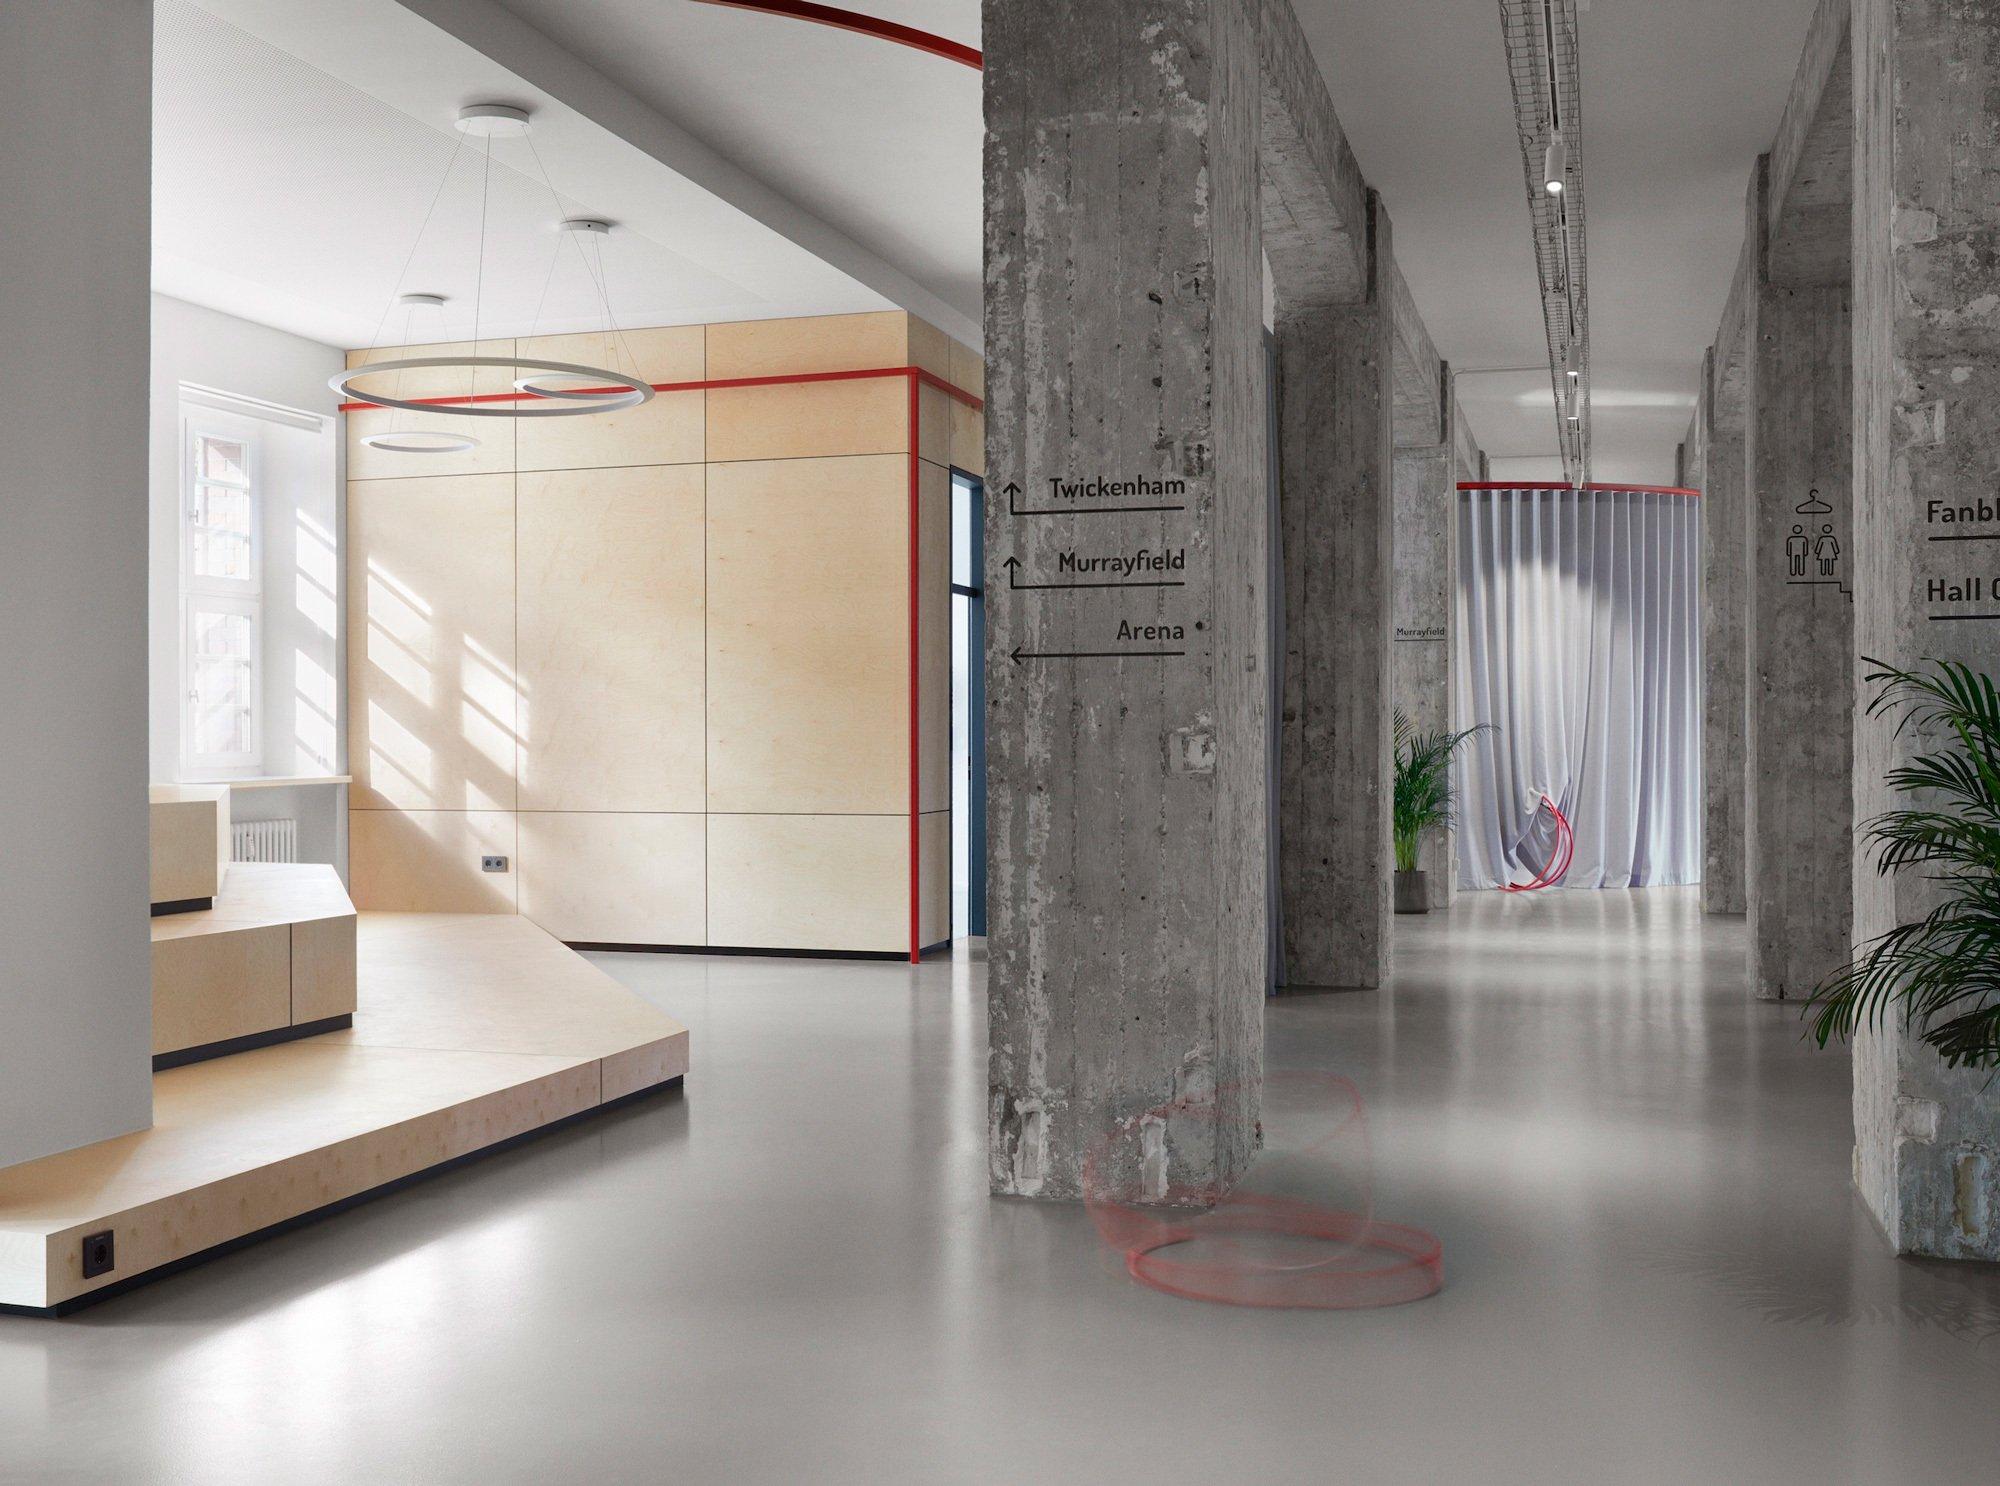 LXSY Architekten verwandelten eine alte Berliner Postfiliale in einen spielerischen Co-Working-Space als Kombination aus Theaterbühne und Turnhalle.